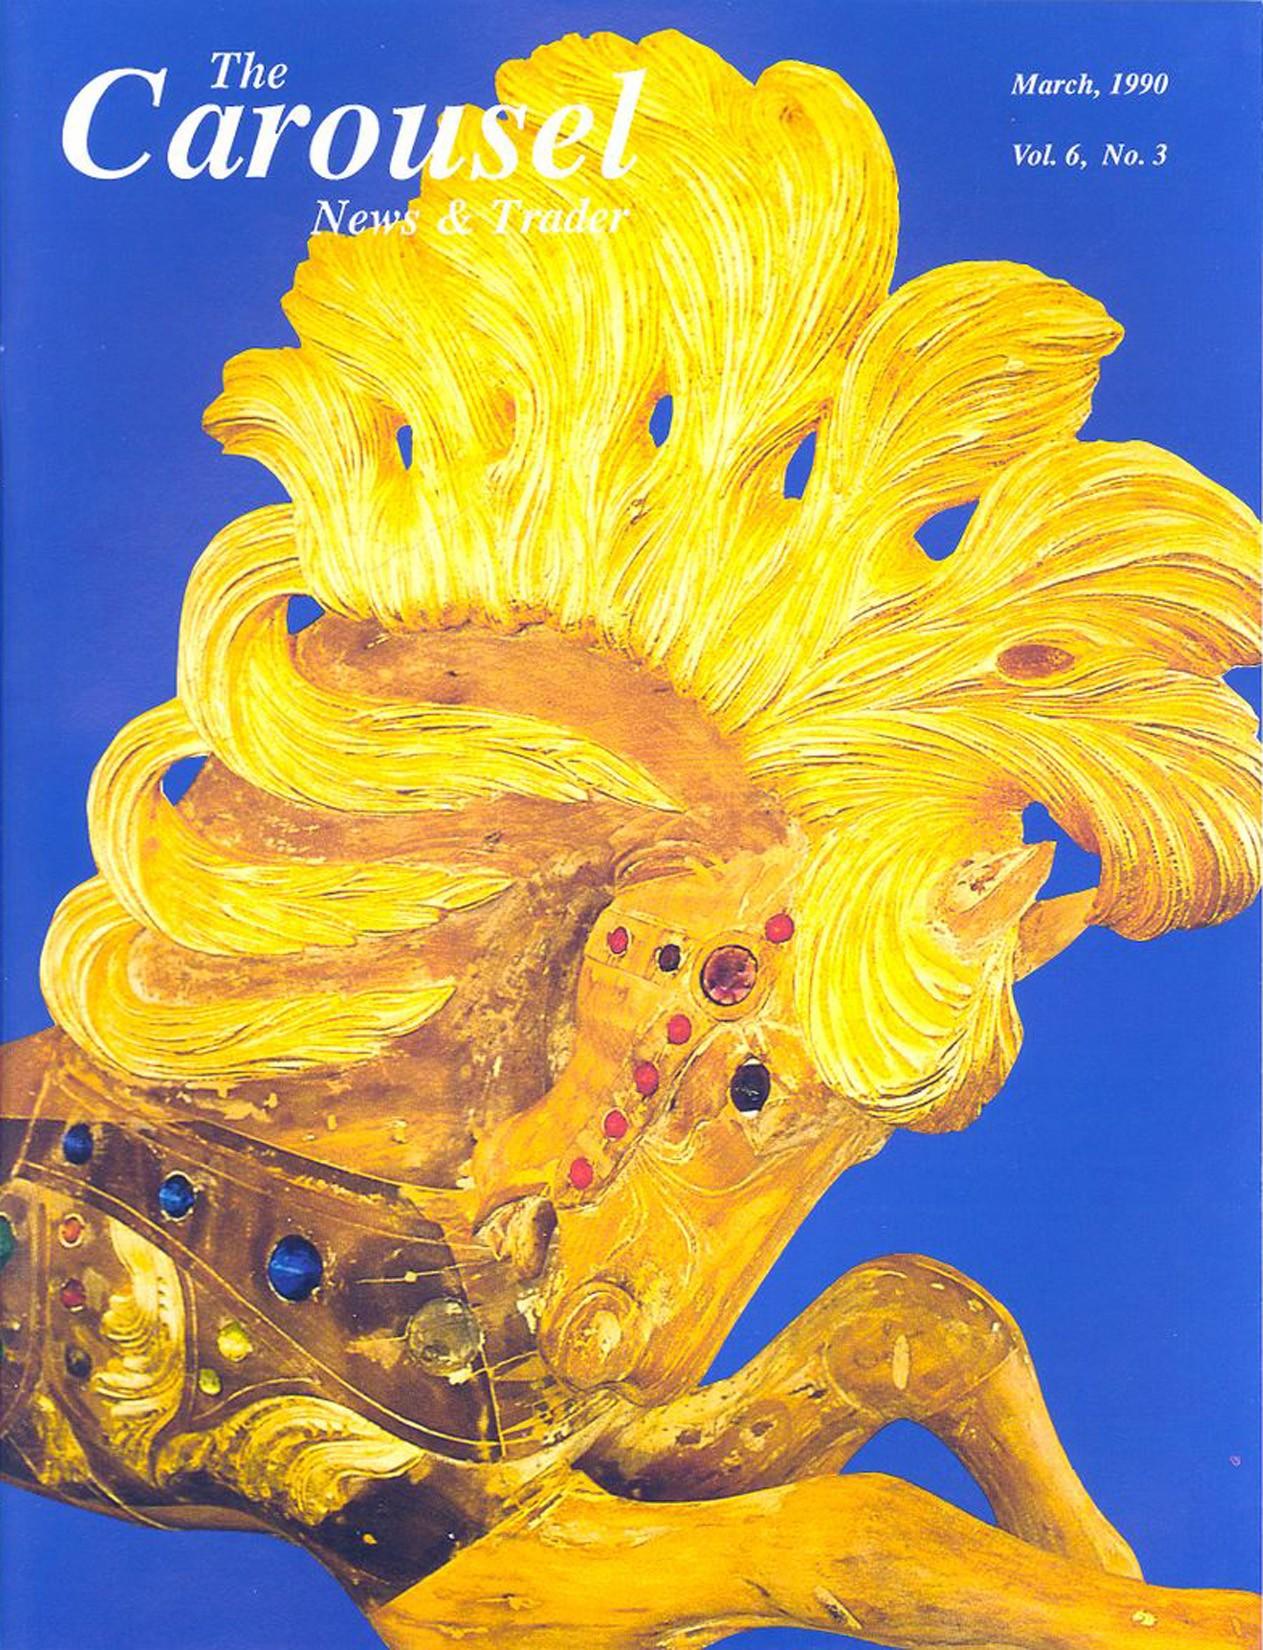 Carousel-News_03_1990-c-w-parker-flying-mane-carousel-horse